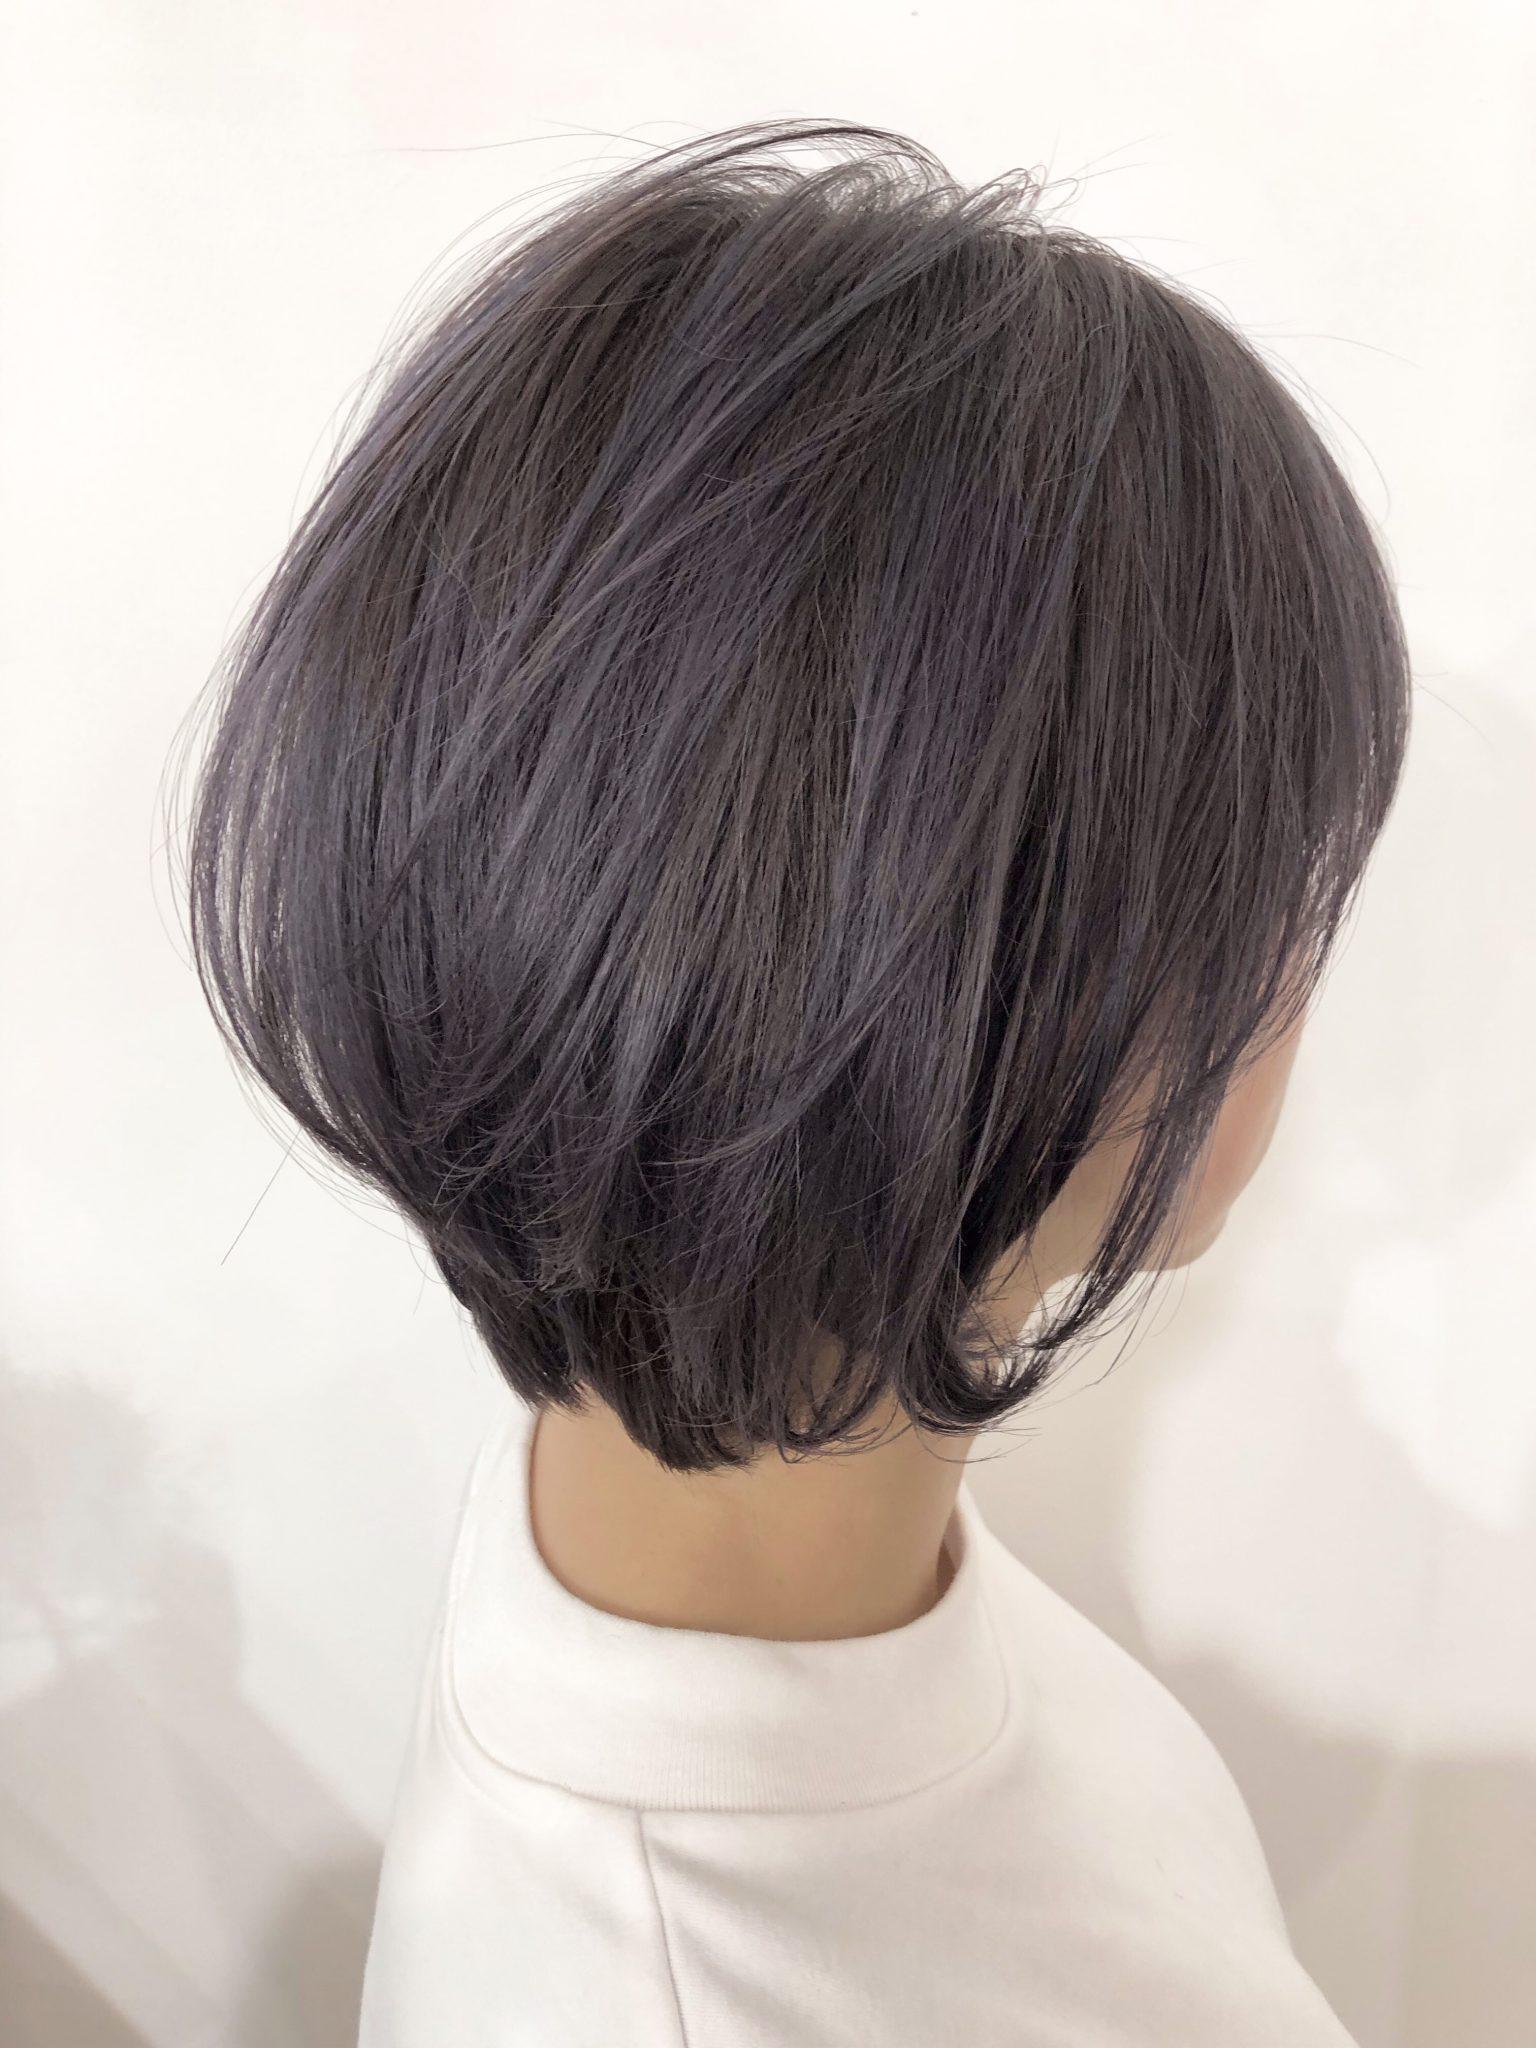 ★☆ダブルカラー☆★シルバーパープルで大人可愛いショートヘア